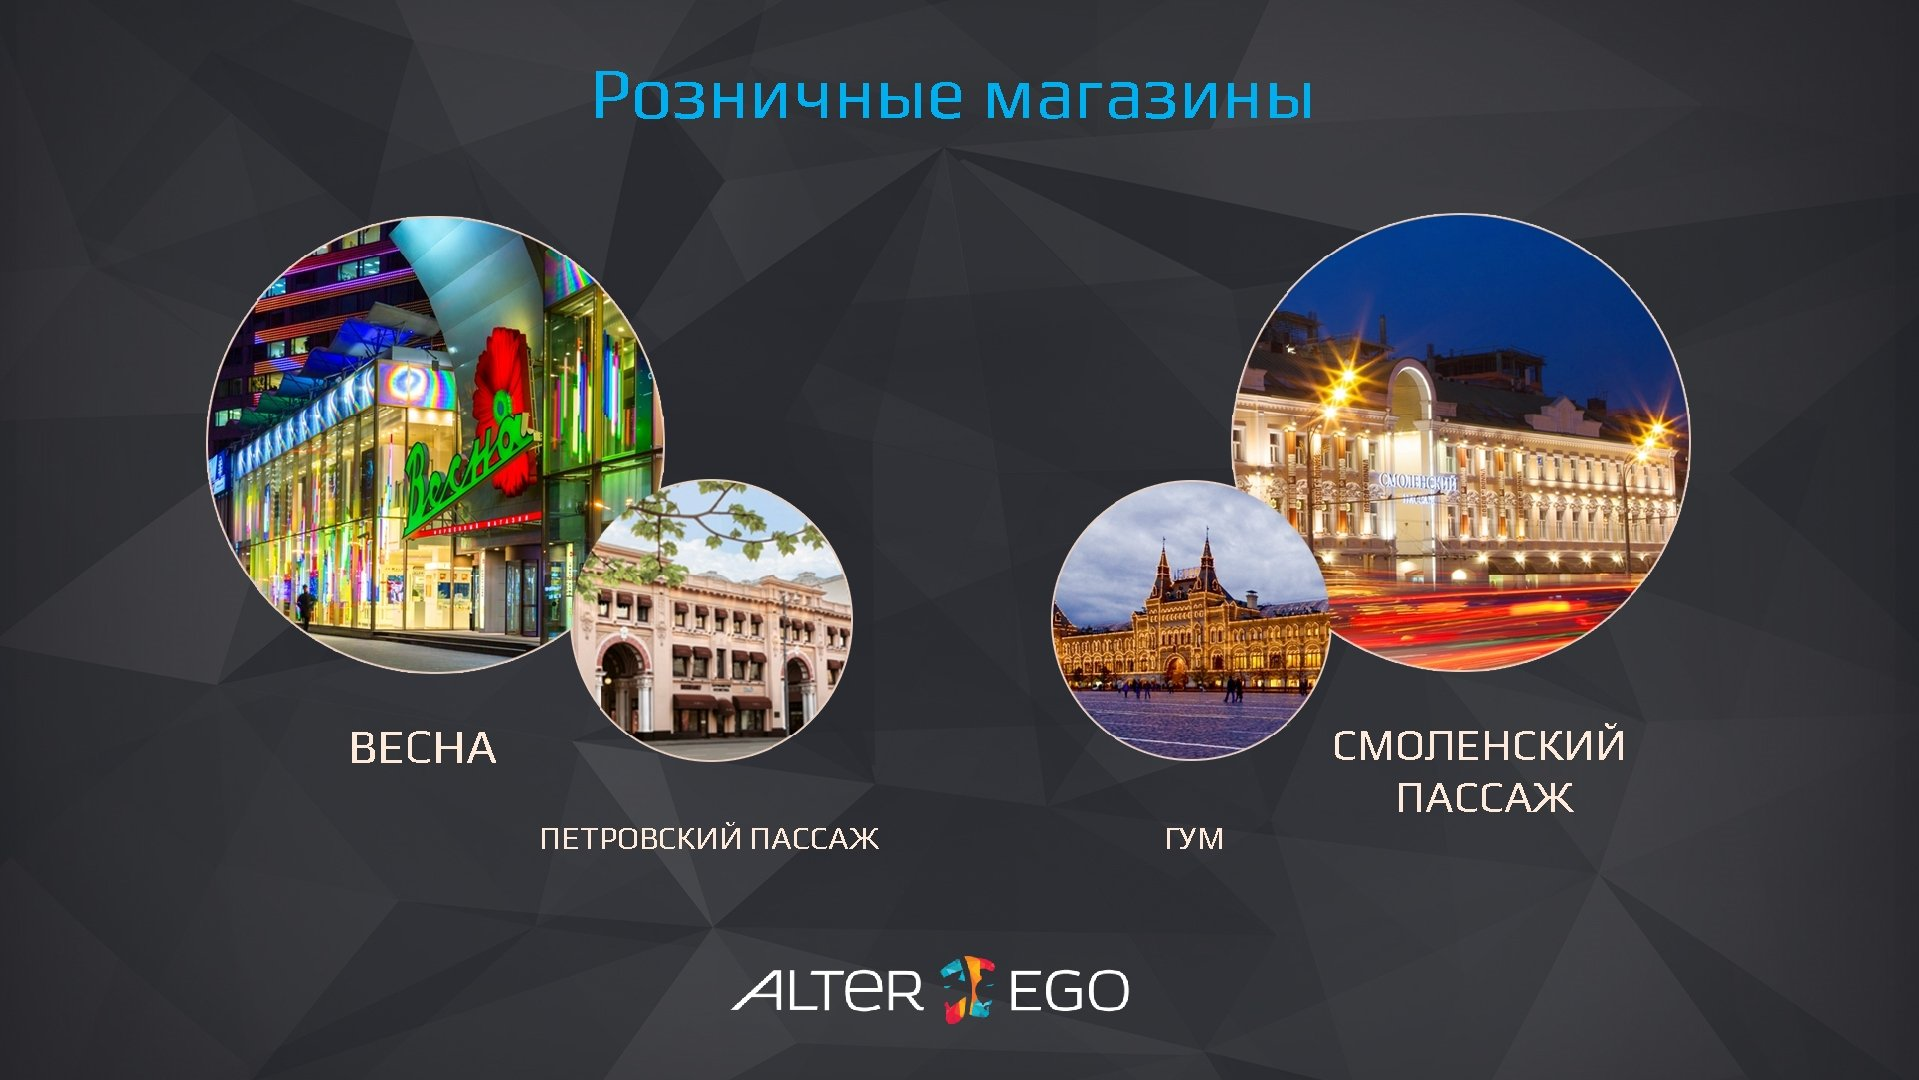 Розничные магазины ВЕСНА ПЕТРОВСКИЙ ПАССАЖ ГУМ СМОЛЕНСКИЙ ПАССАЖ